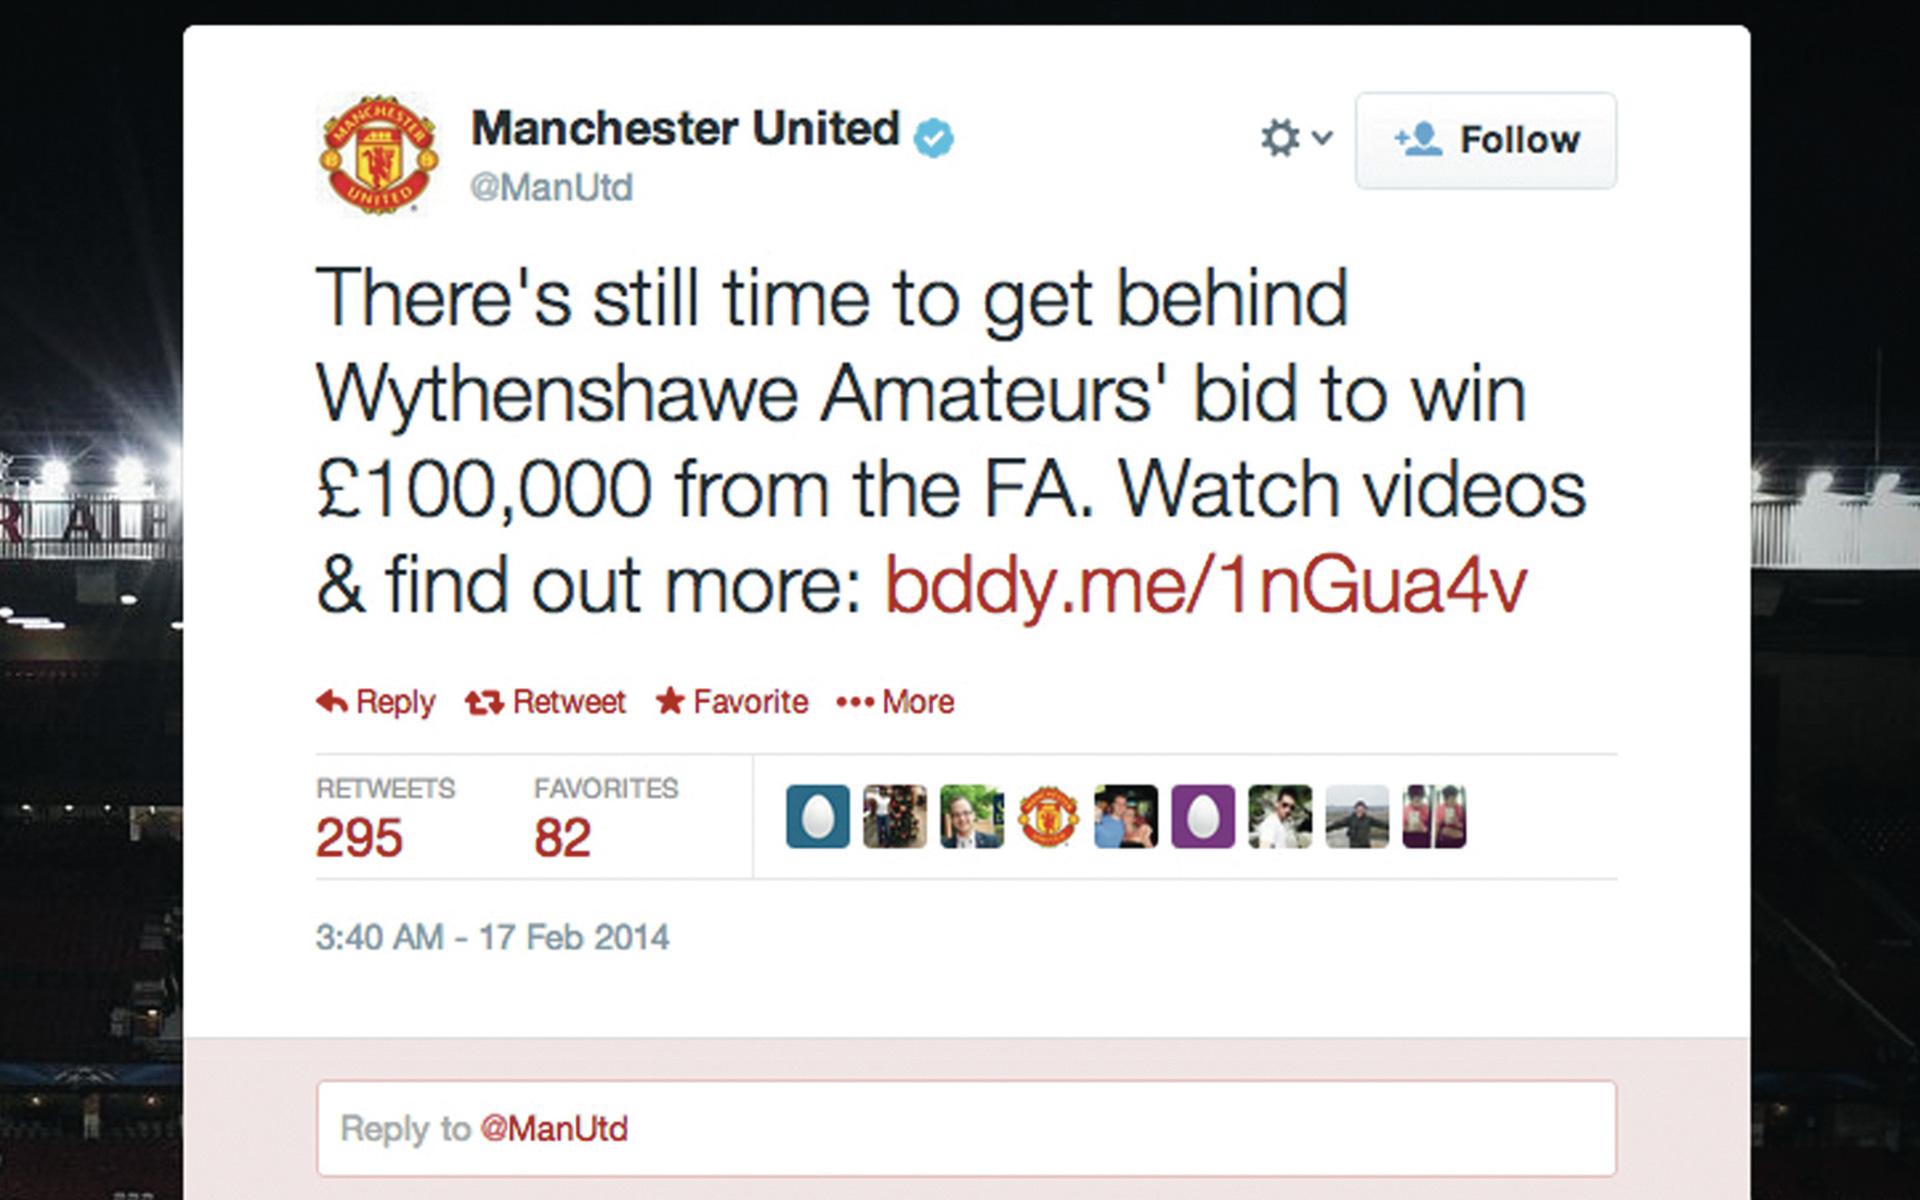 Wythenshawe Amateurs Manchester United tweet